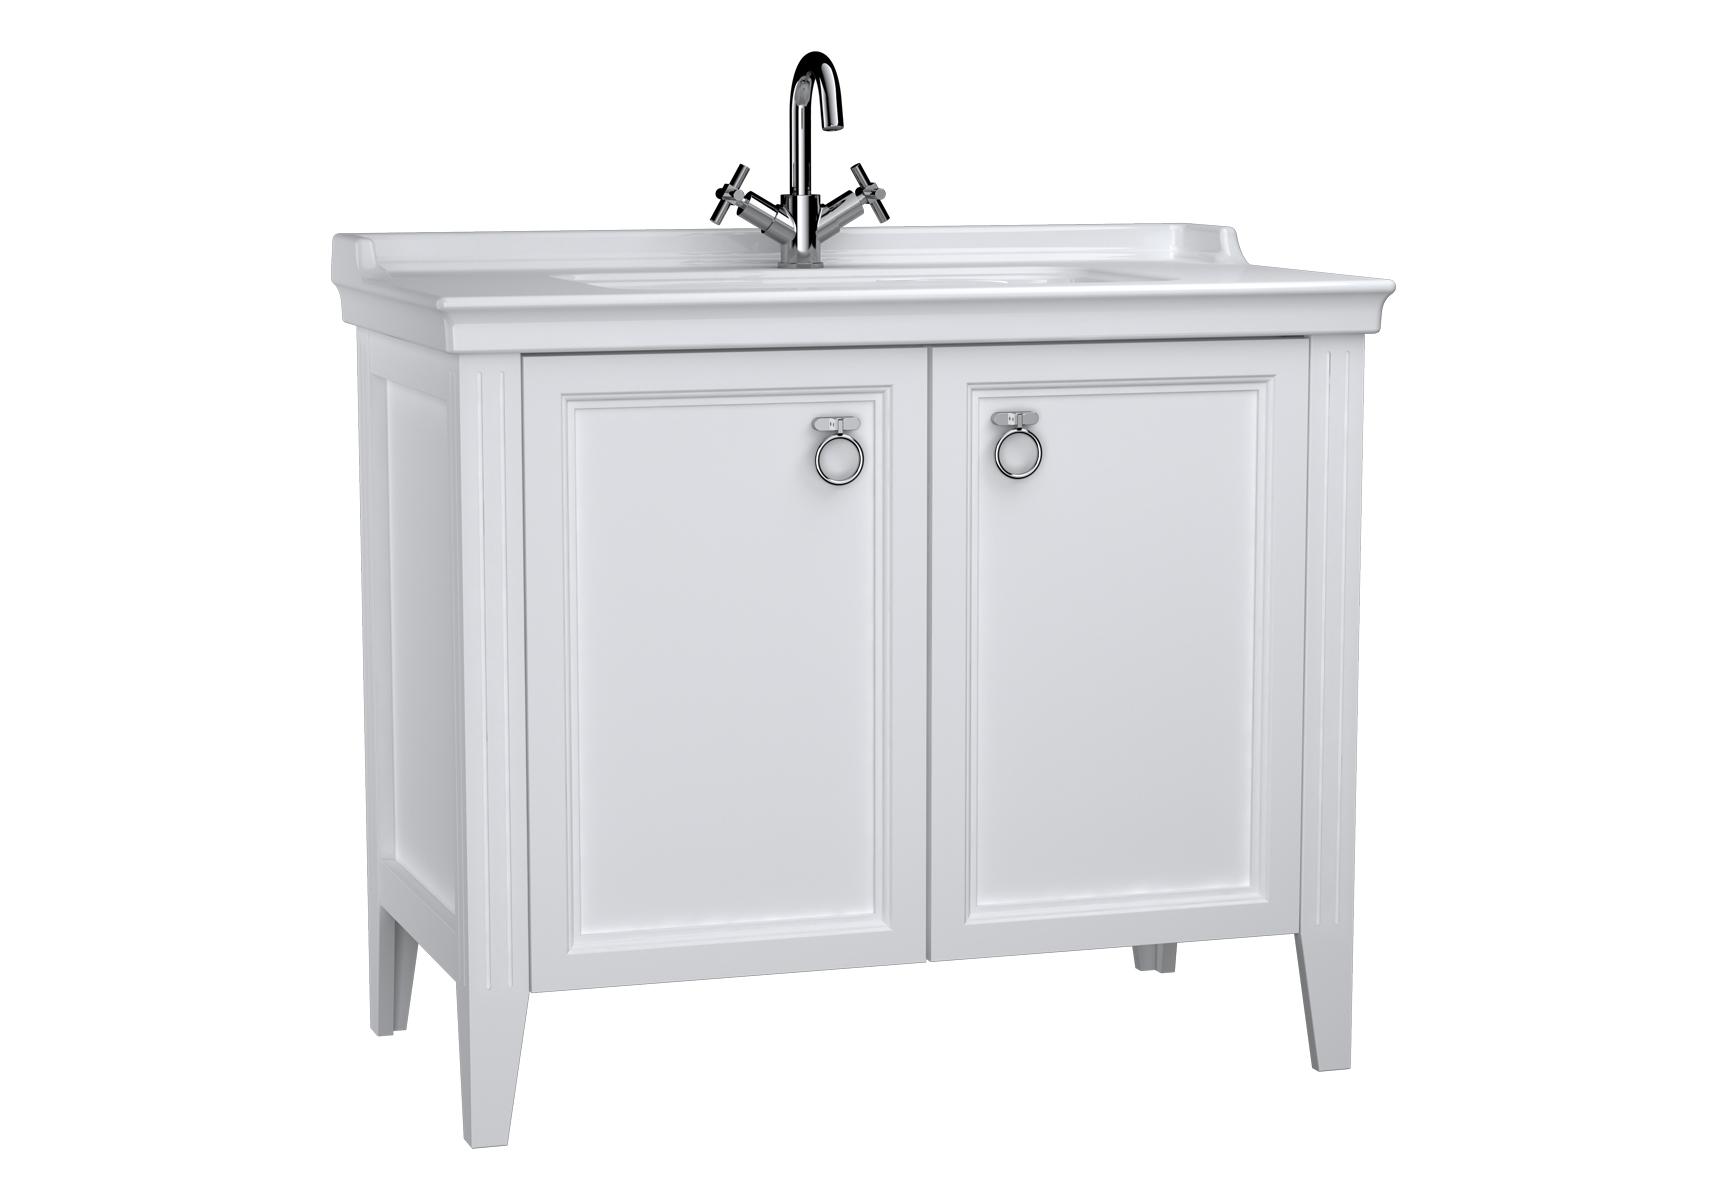 Valarte meuble avec plan céramique, 100 cm, avec portes, blanc mat